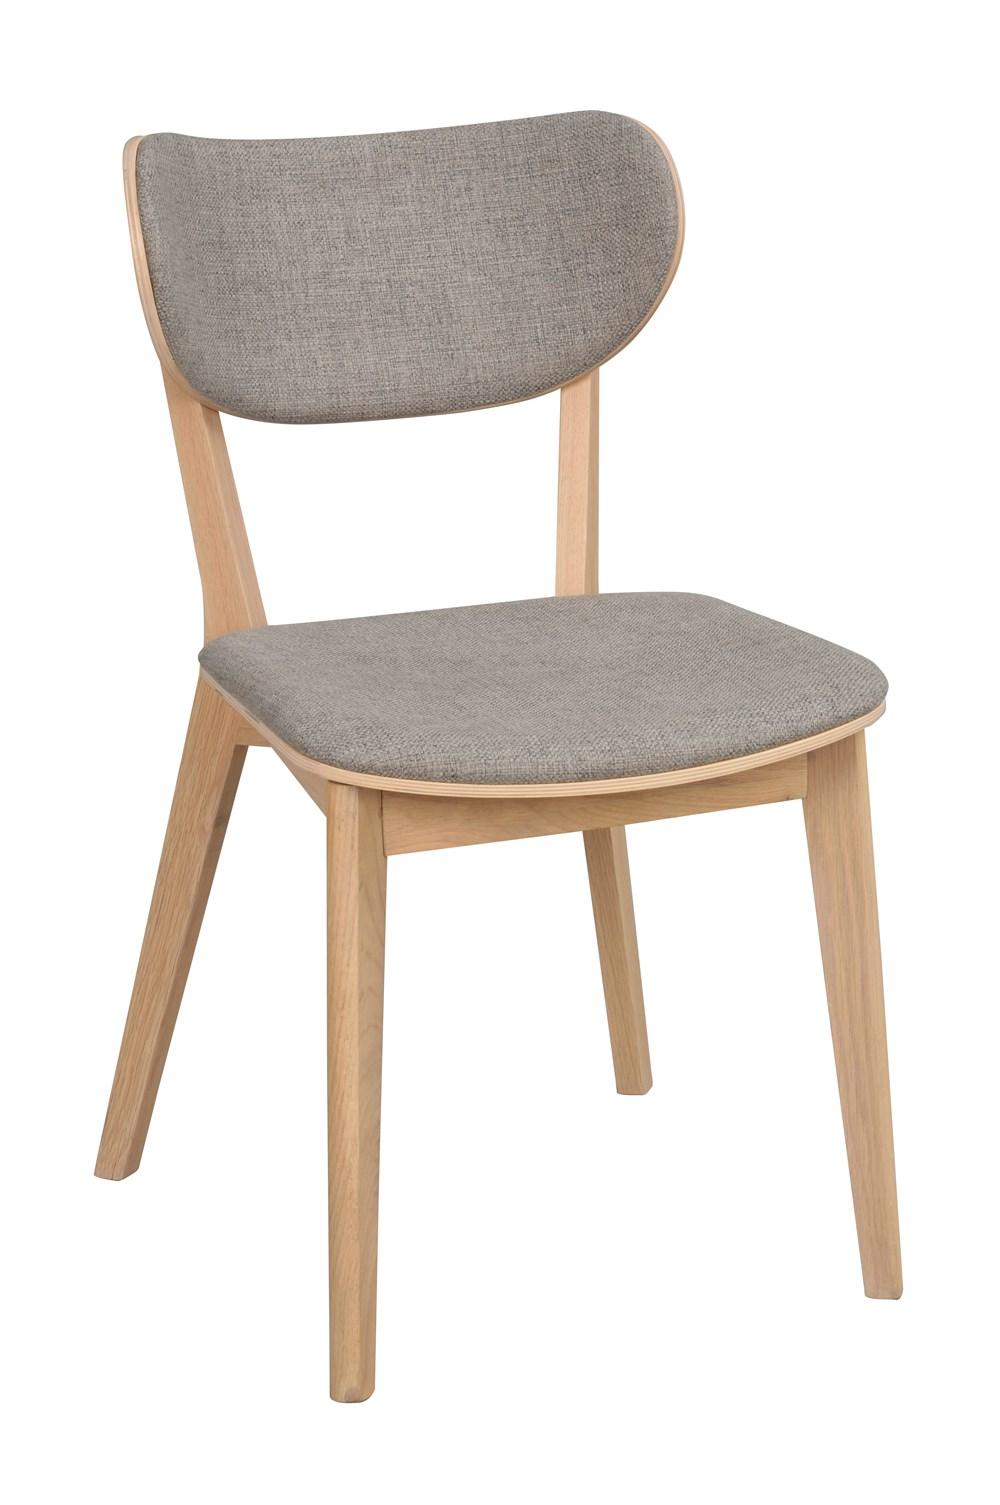 Kato tuoli valkolakattu tammi / vaaleanharmaa, Rowico